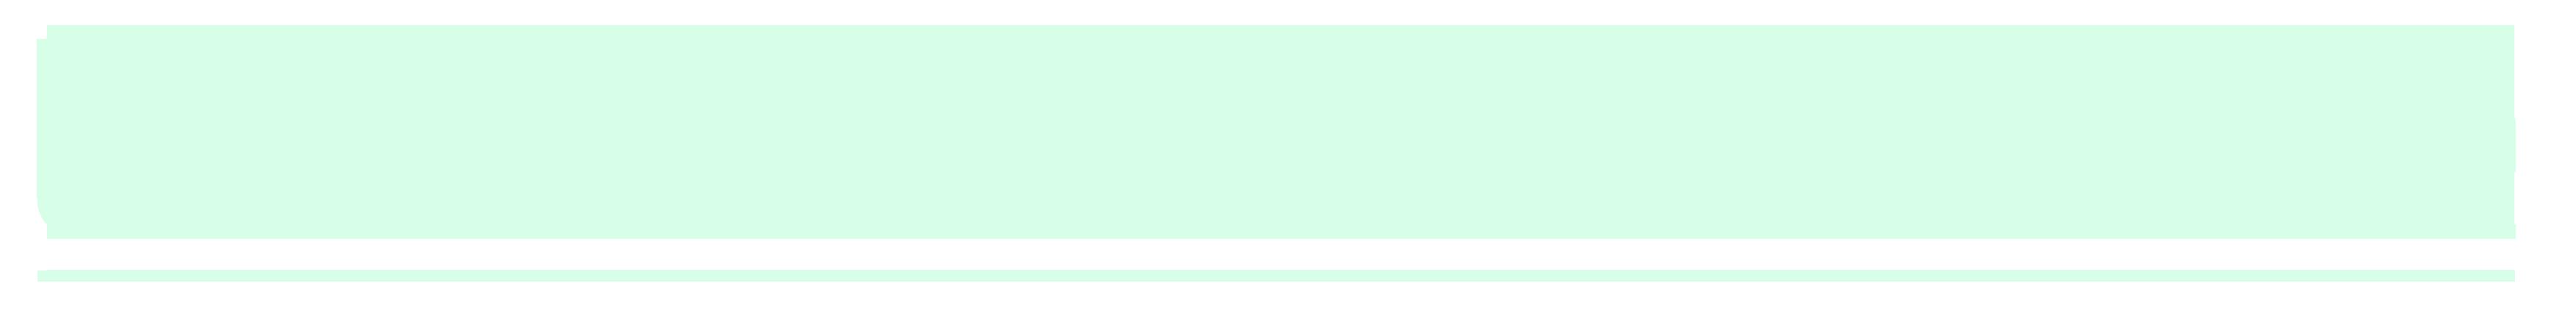 Laissez_Faire_logo